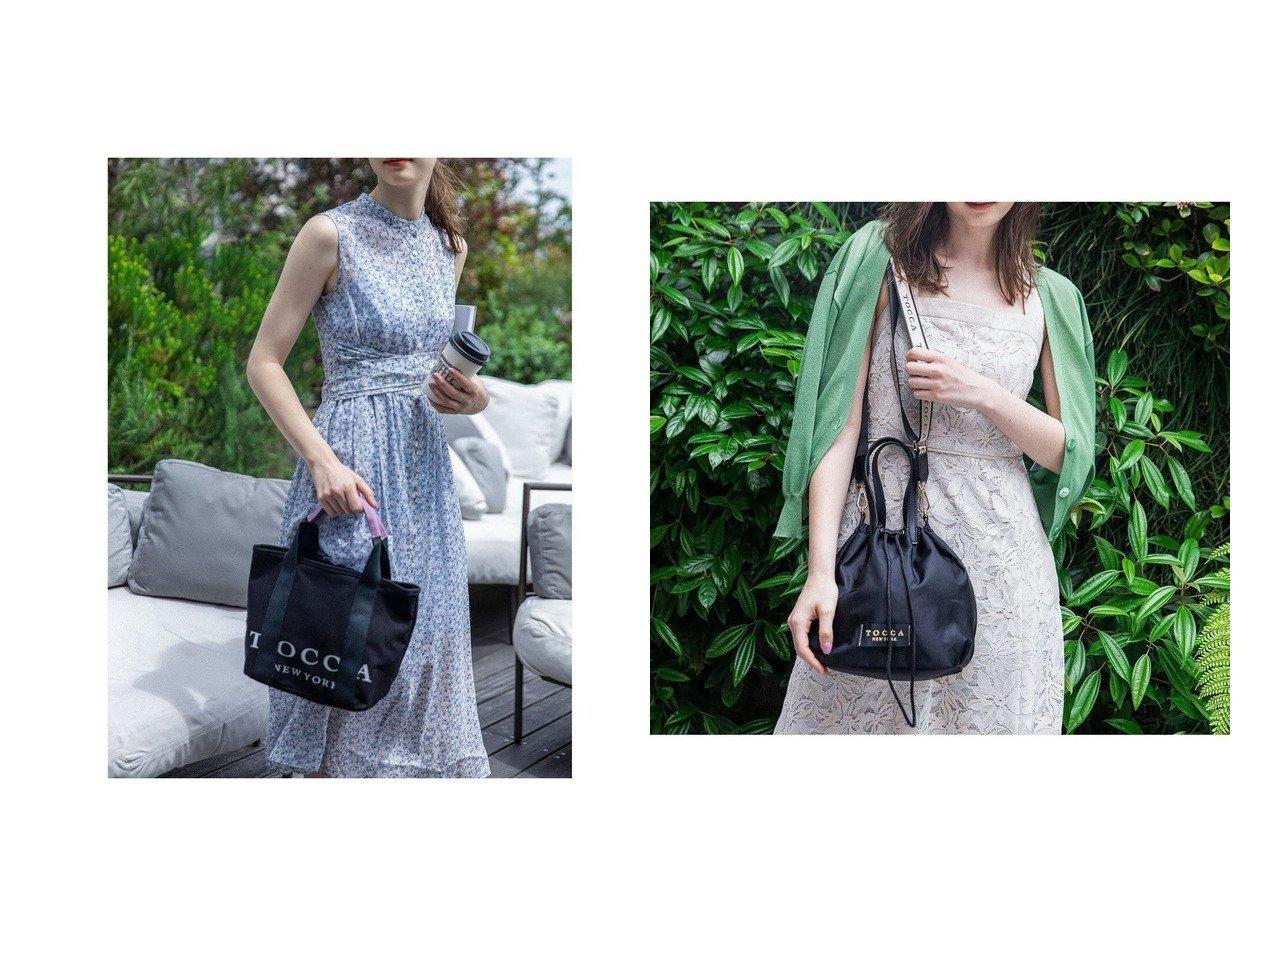 【TOCCA/トッカ】の【WEB限定】BIG TOCCA TOTE S トートバッグ S&CIELO MINISAC ミニバッグ 【バッグ・鞄】おすすめ!人気、トレンド・レディースファッションの通販 おすすめで人気の流行・トレンド、ファッションの通販商品 インテリア・家具・メンズファッション・キッズファッション・レディースファッション・服の通販 founy(ファニー) https://founy.com/ ファッション Fashion レディースファッション WOMEN バッグ Bag クラウン シンプル 財布 テクスチャー ベーシック ポケット ポーチ 送料無料 Free Shipping |ID:crp329100000049439